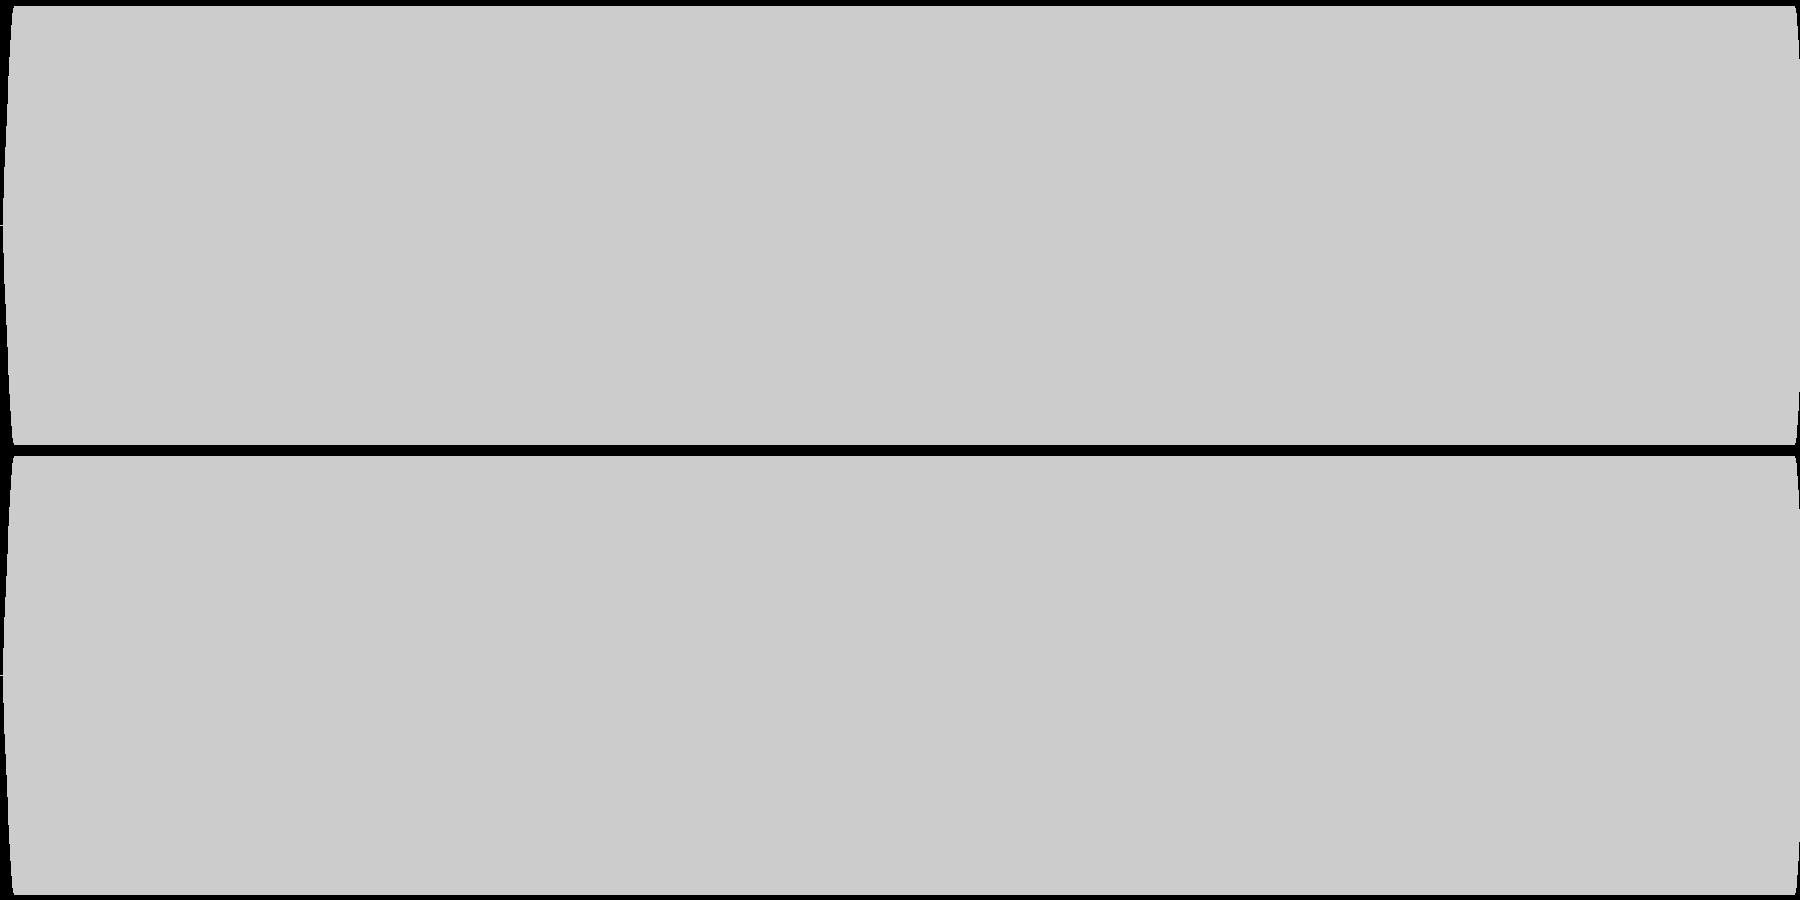 ピー音 自主規制音 (約3秒)の未再生の波形